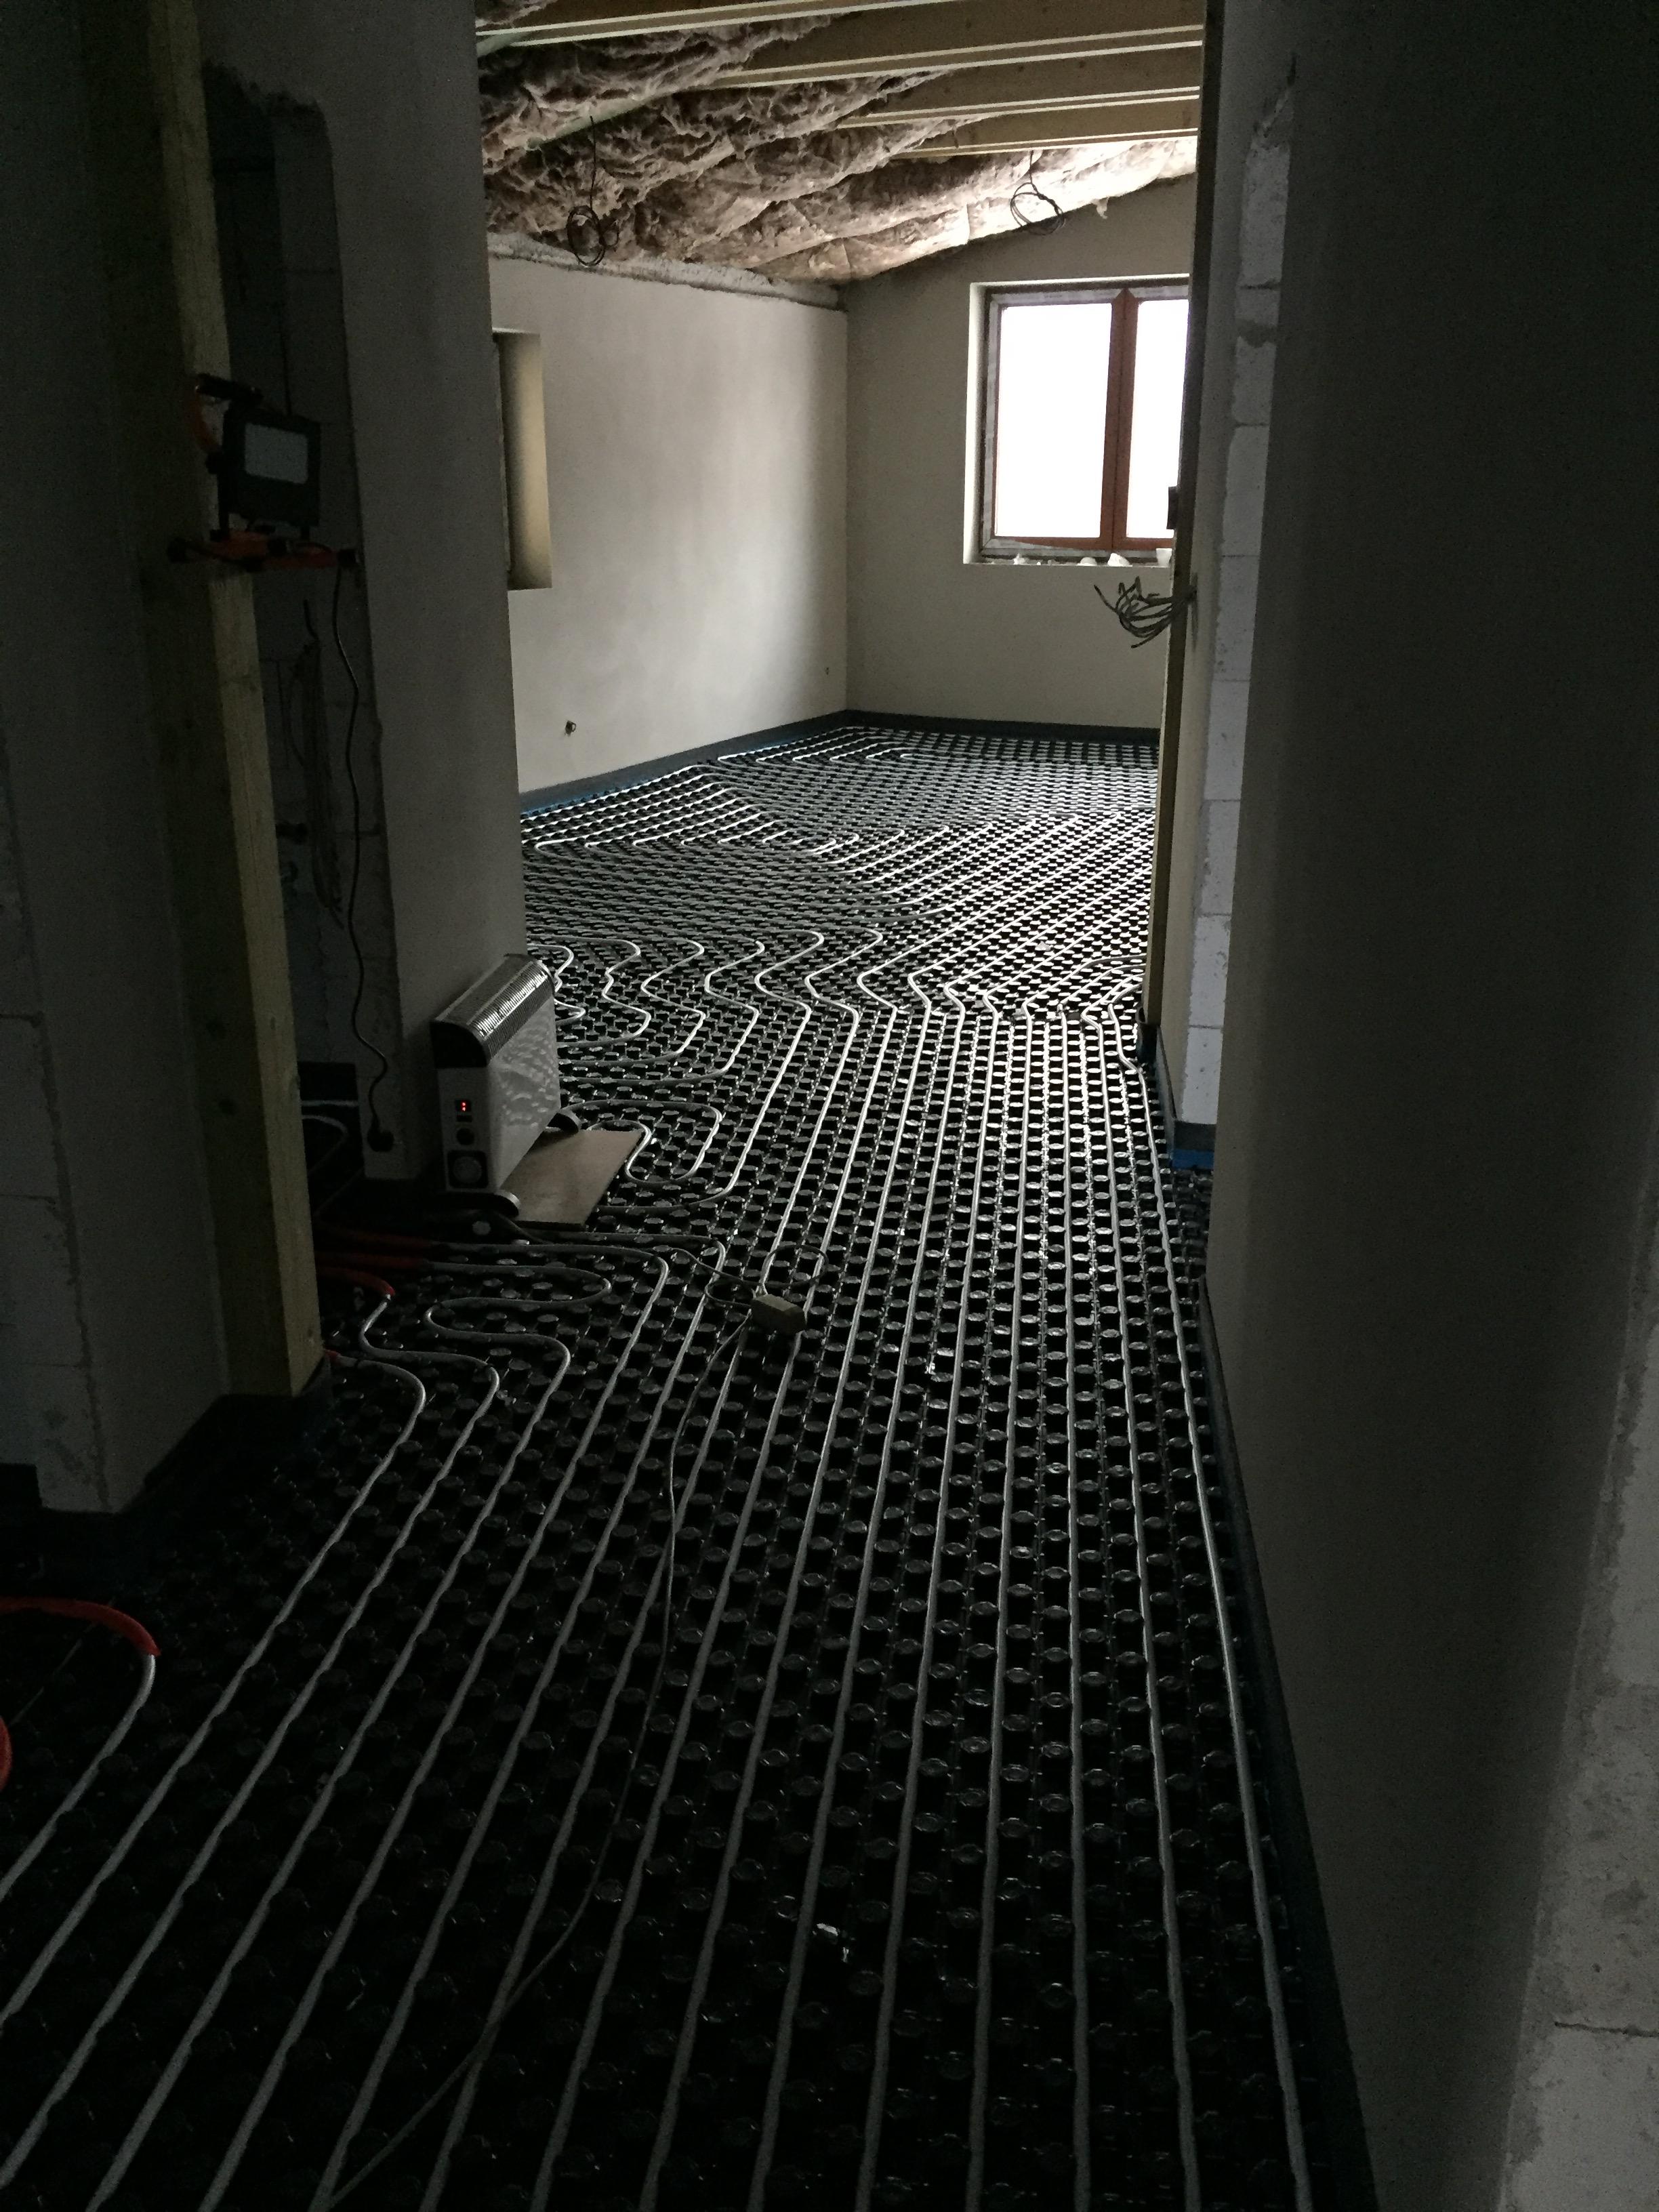 vykurovanie podlahové